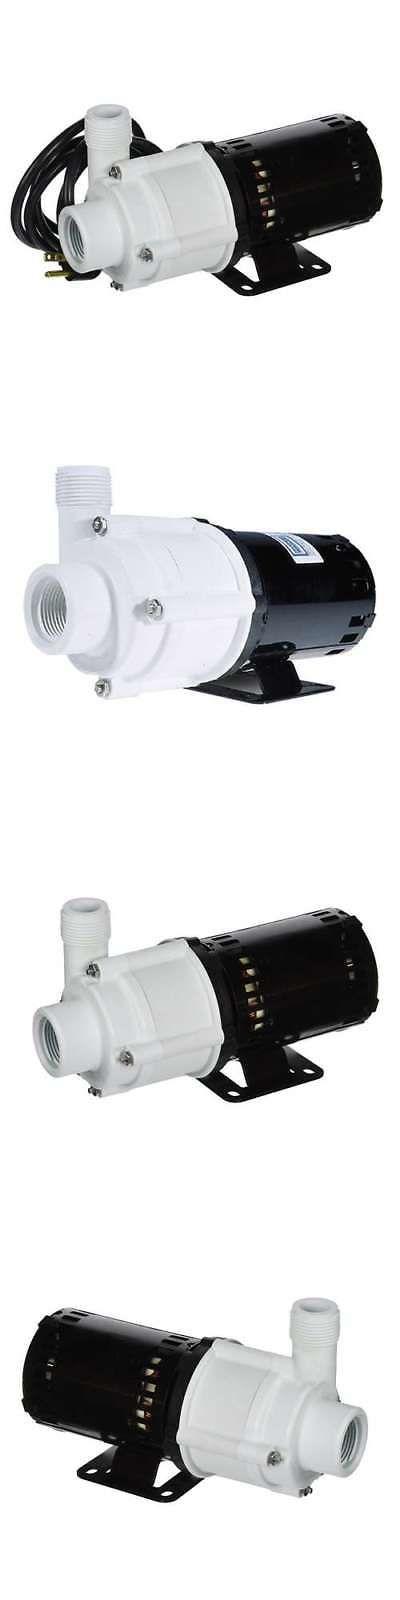 Pumps Water 77641: Little Giant 2-Mdqx-Sc Sc Quarium Magnetic Drive Inline Aquarium Pump (Open Box) -> BUY IT NOW ONLY: $137.95 on eBay!